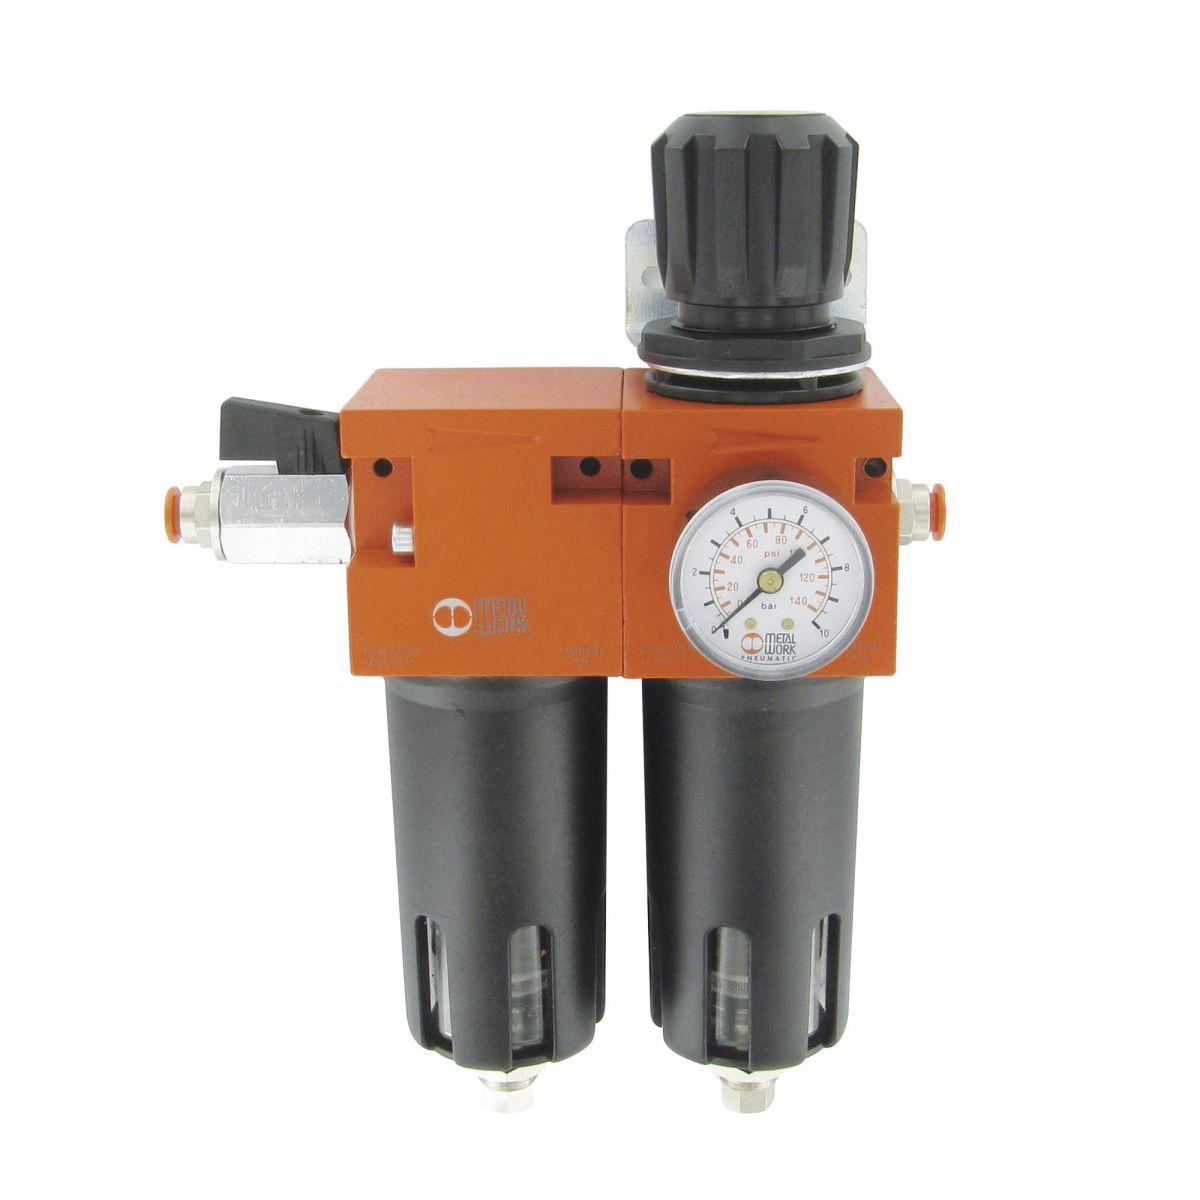 druckregler mit doppelfilter wasserfnger und automatischem wasserablass